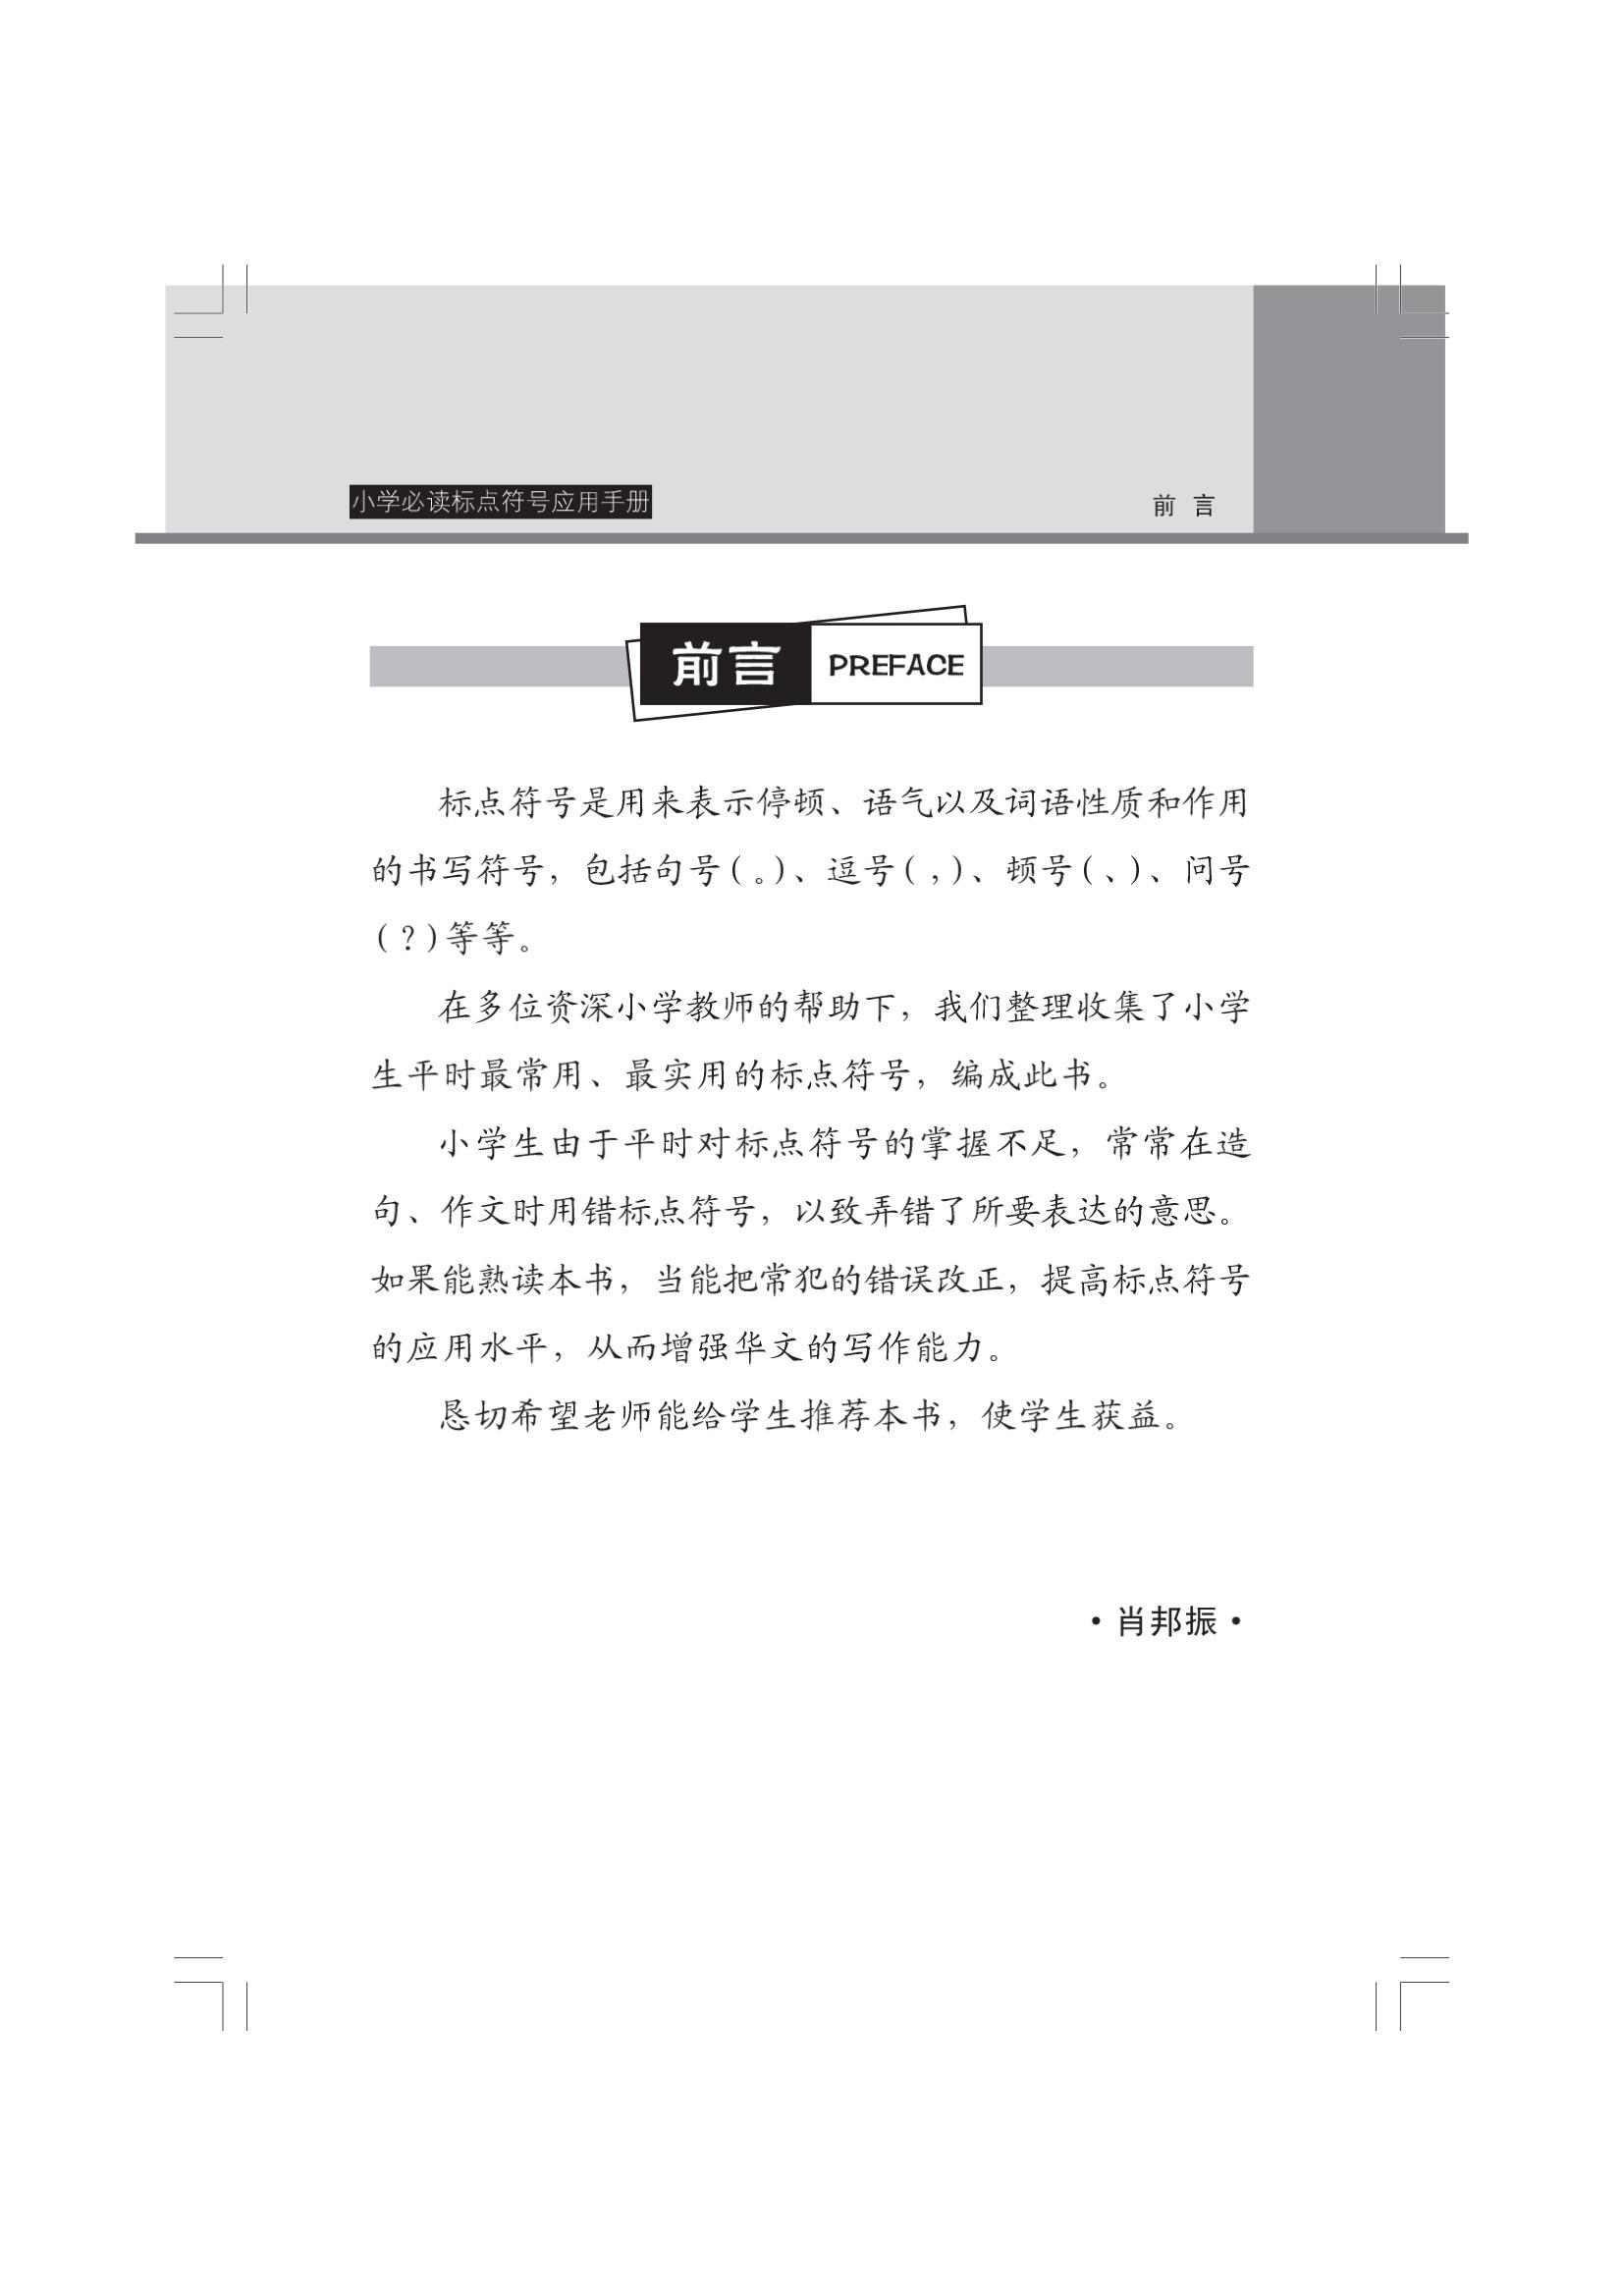 3218352_e-Preface 2